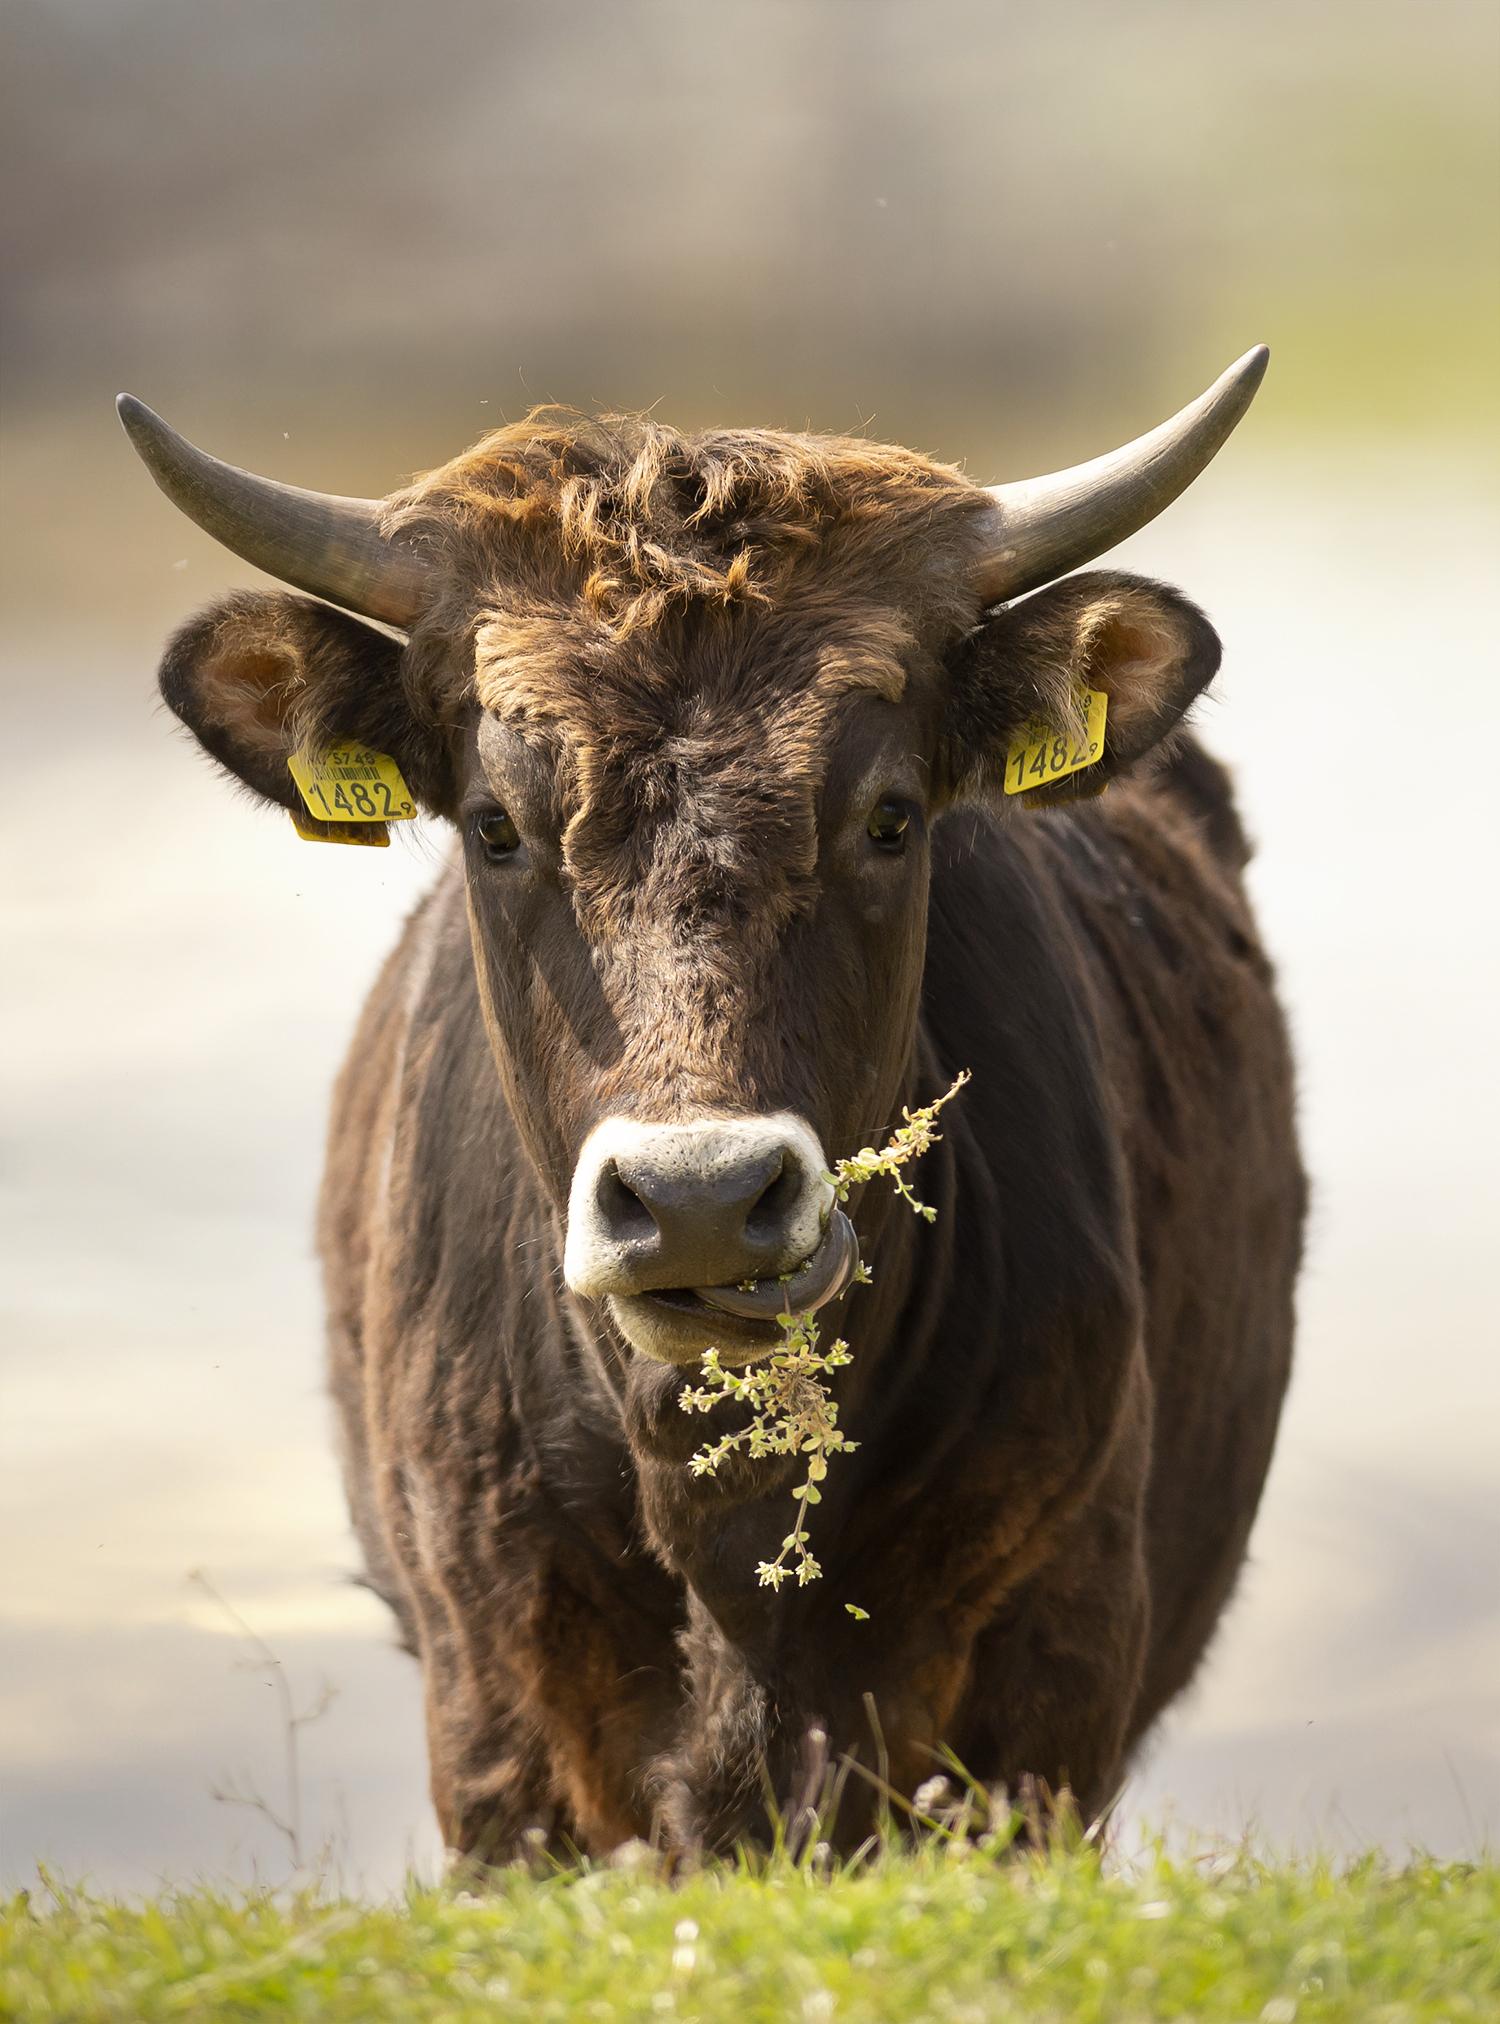 1482  - Smakelijk hapje groen 😀 - foto door corinnec op 04-05-2021 - locatie: 5371 RC Keent, Nederland - deze foto bevat: tauros, keent, oornummer, werkend dier, fabriek, gras, natuurlijk landschap, terrestrische dieren, grasland, landschap, hoorn, weide, lucht